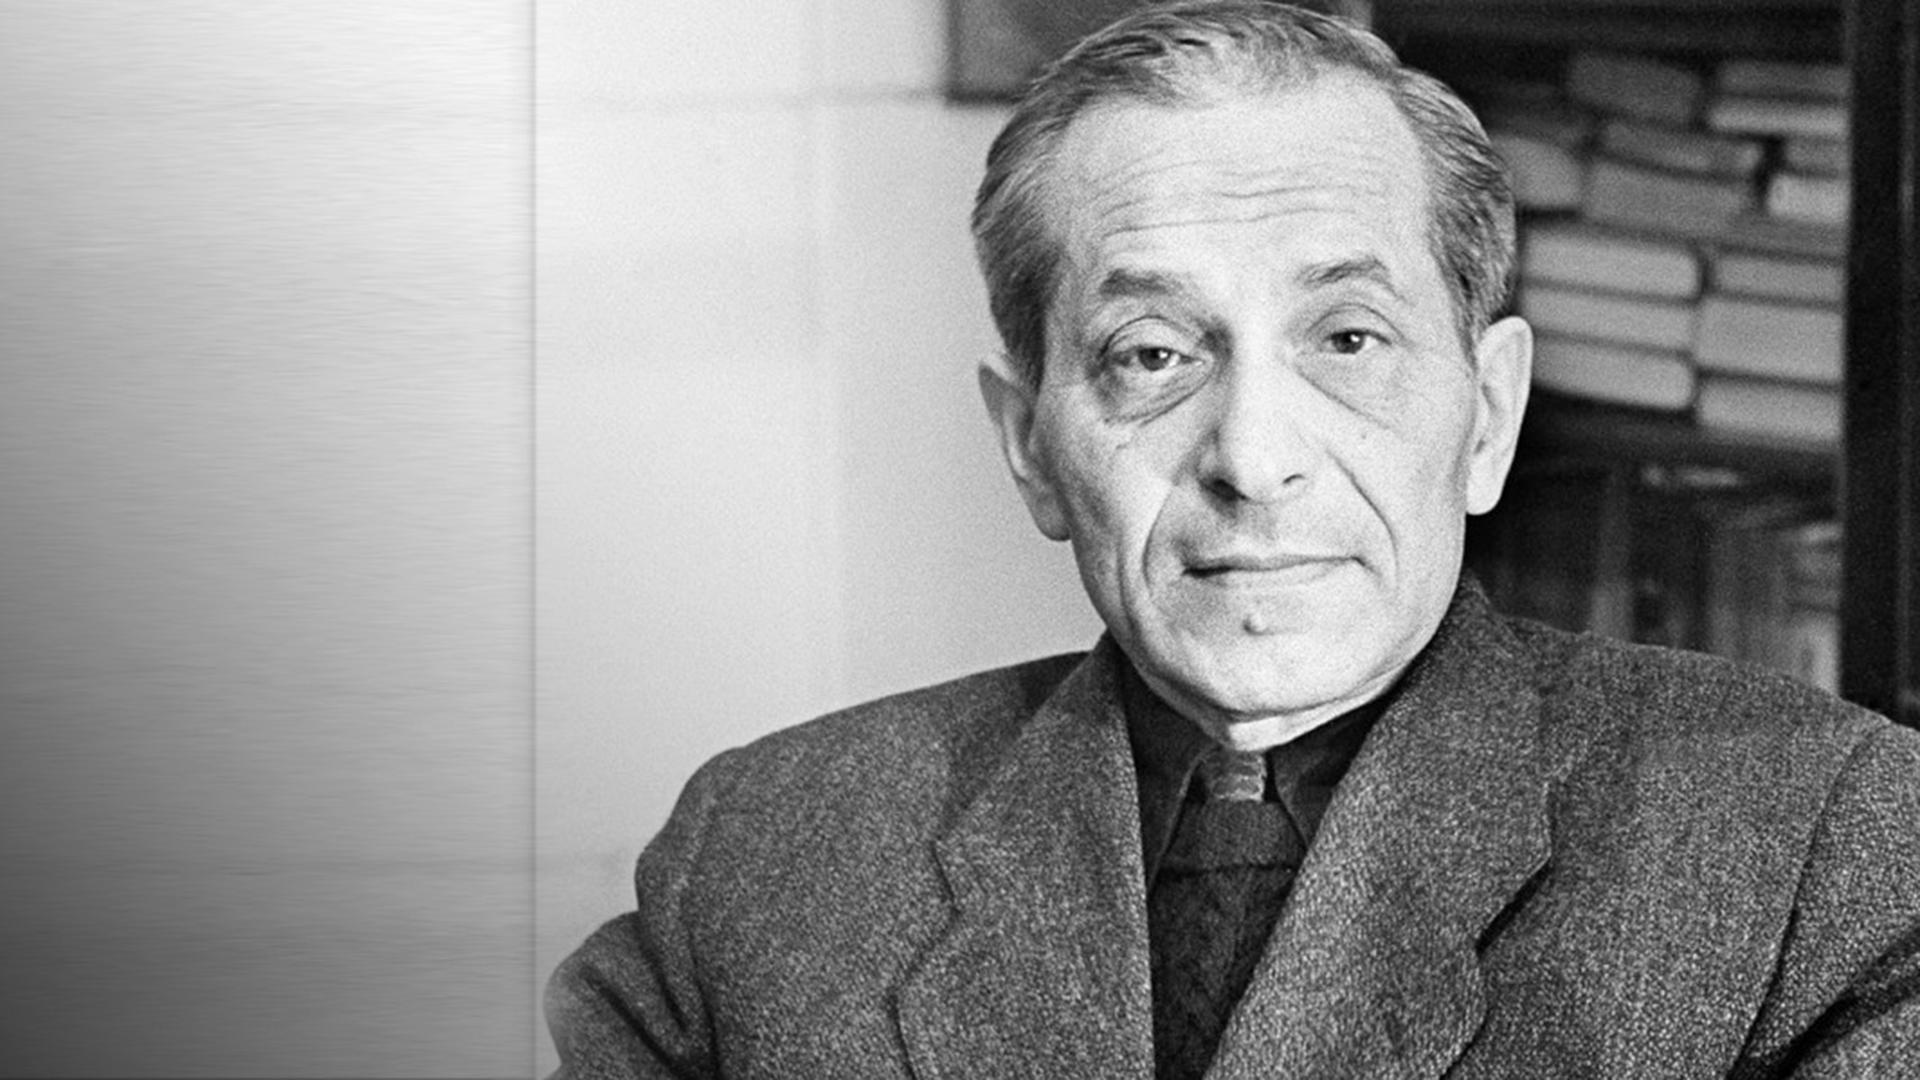 Михаил Зощенко: биография самобытного автора юмористических рассказов